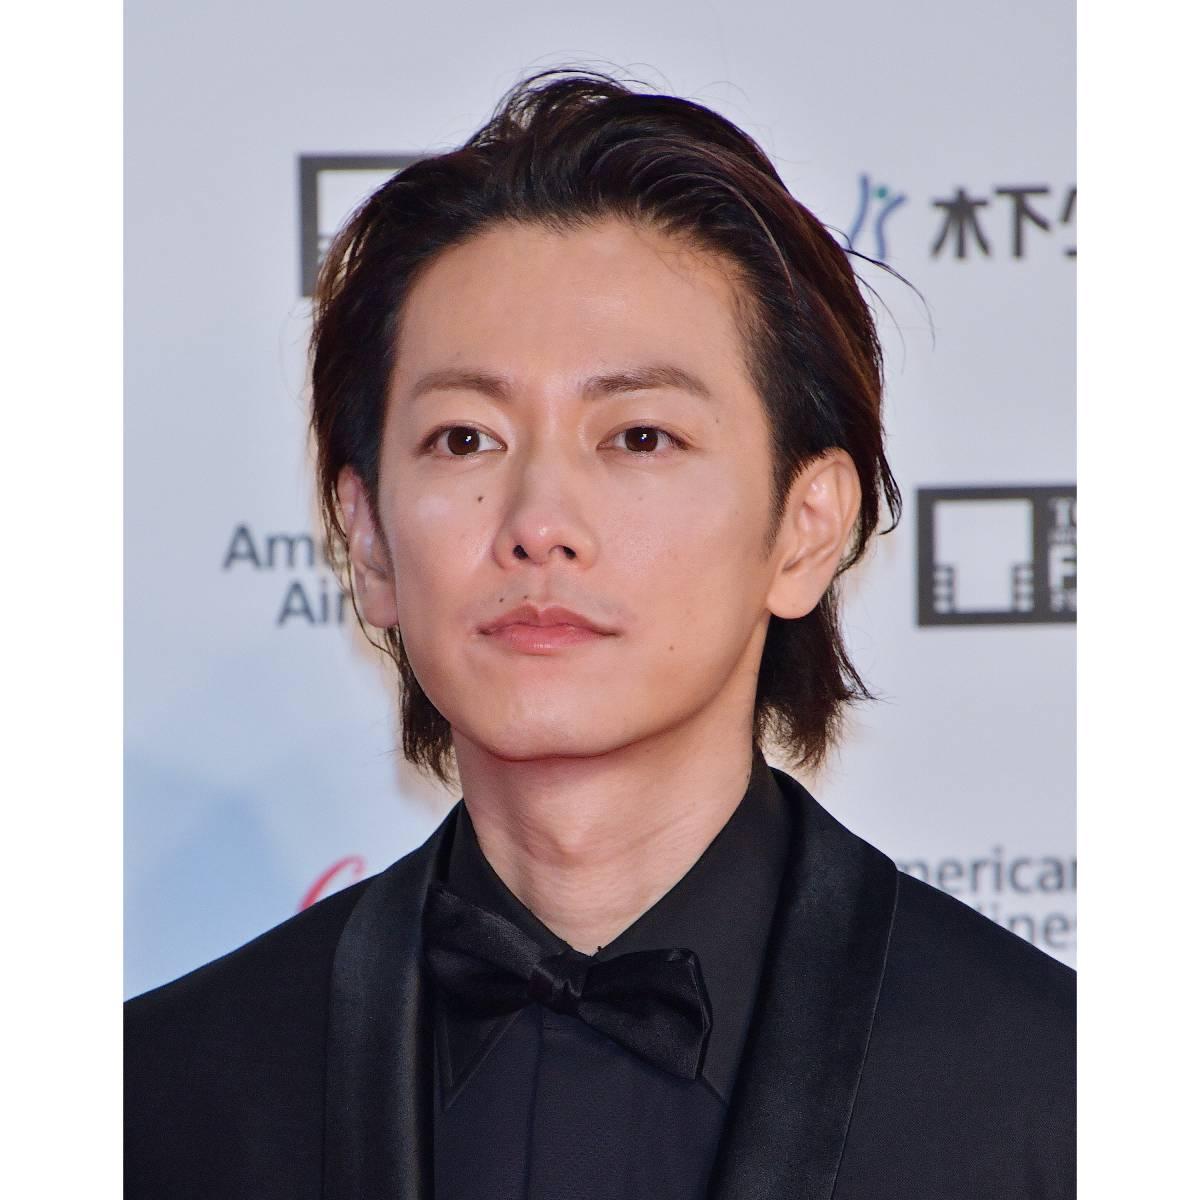 ランキング イケメン 2020 俳優